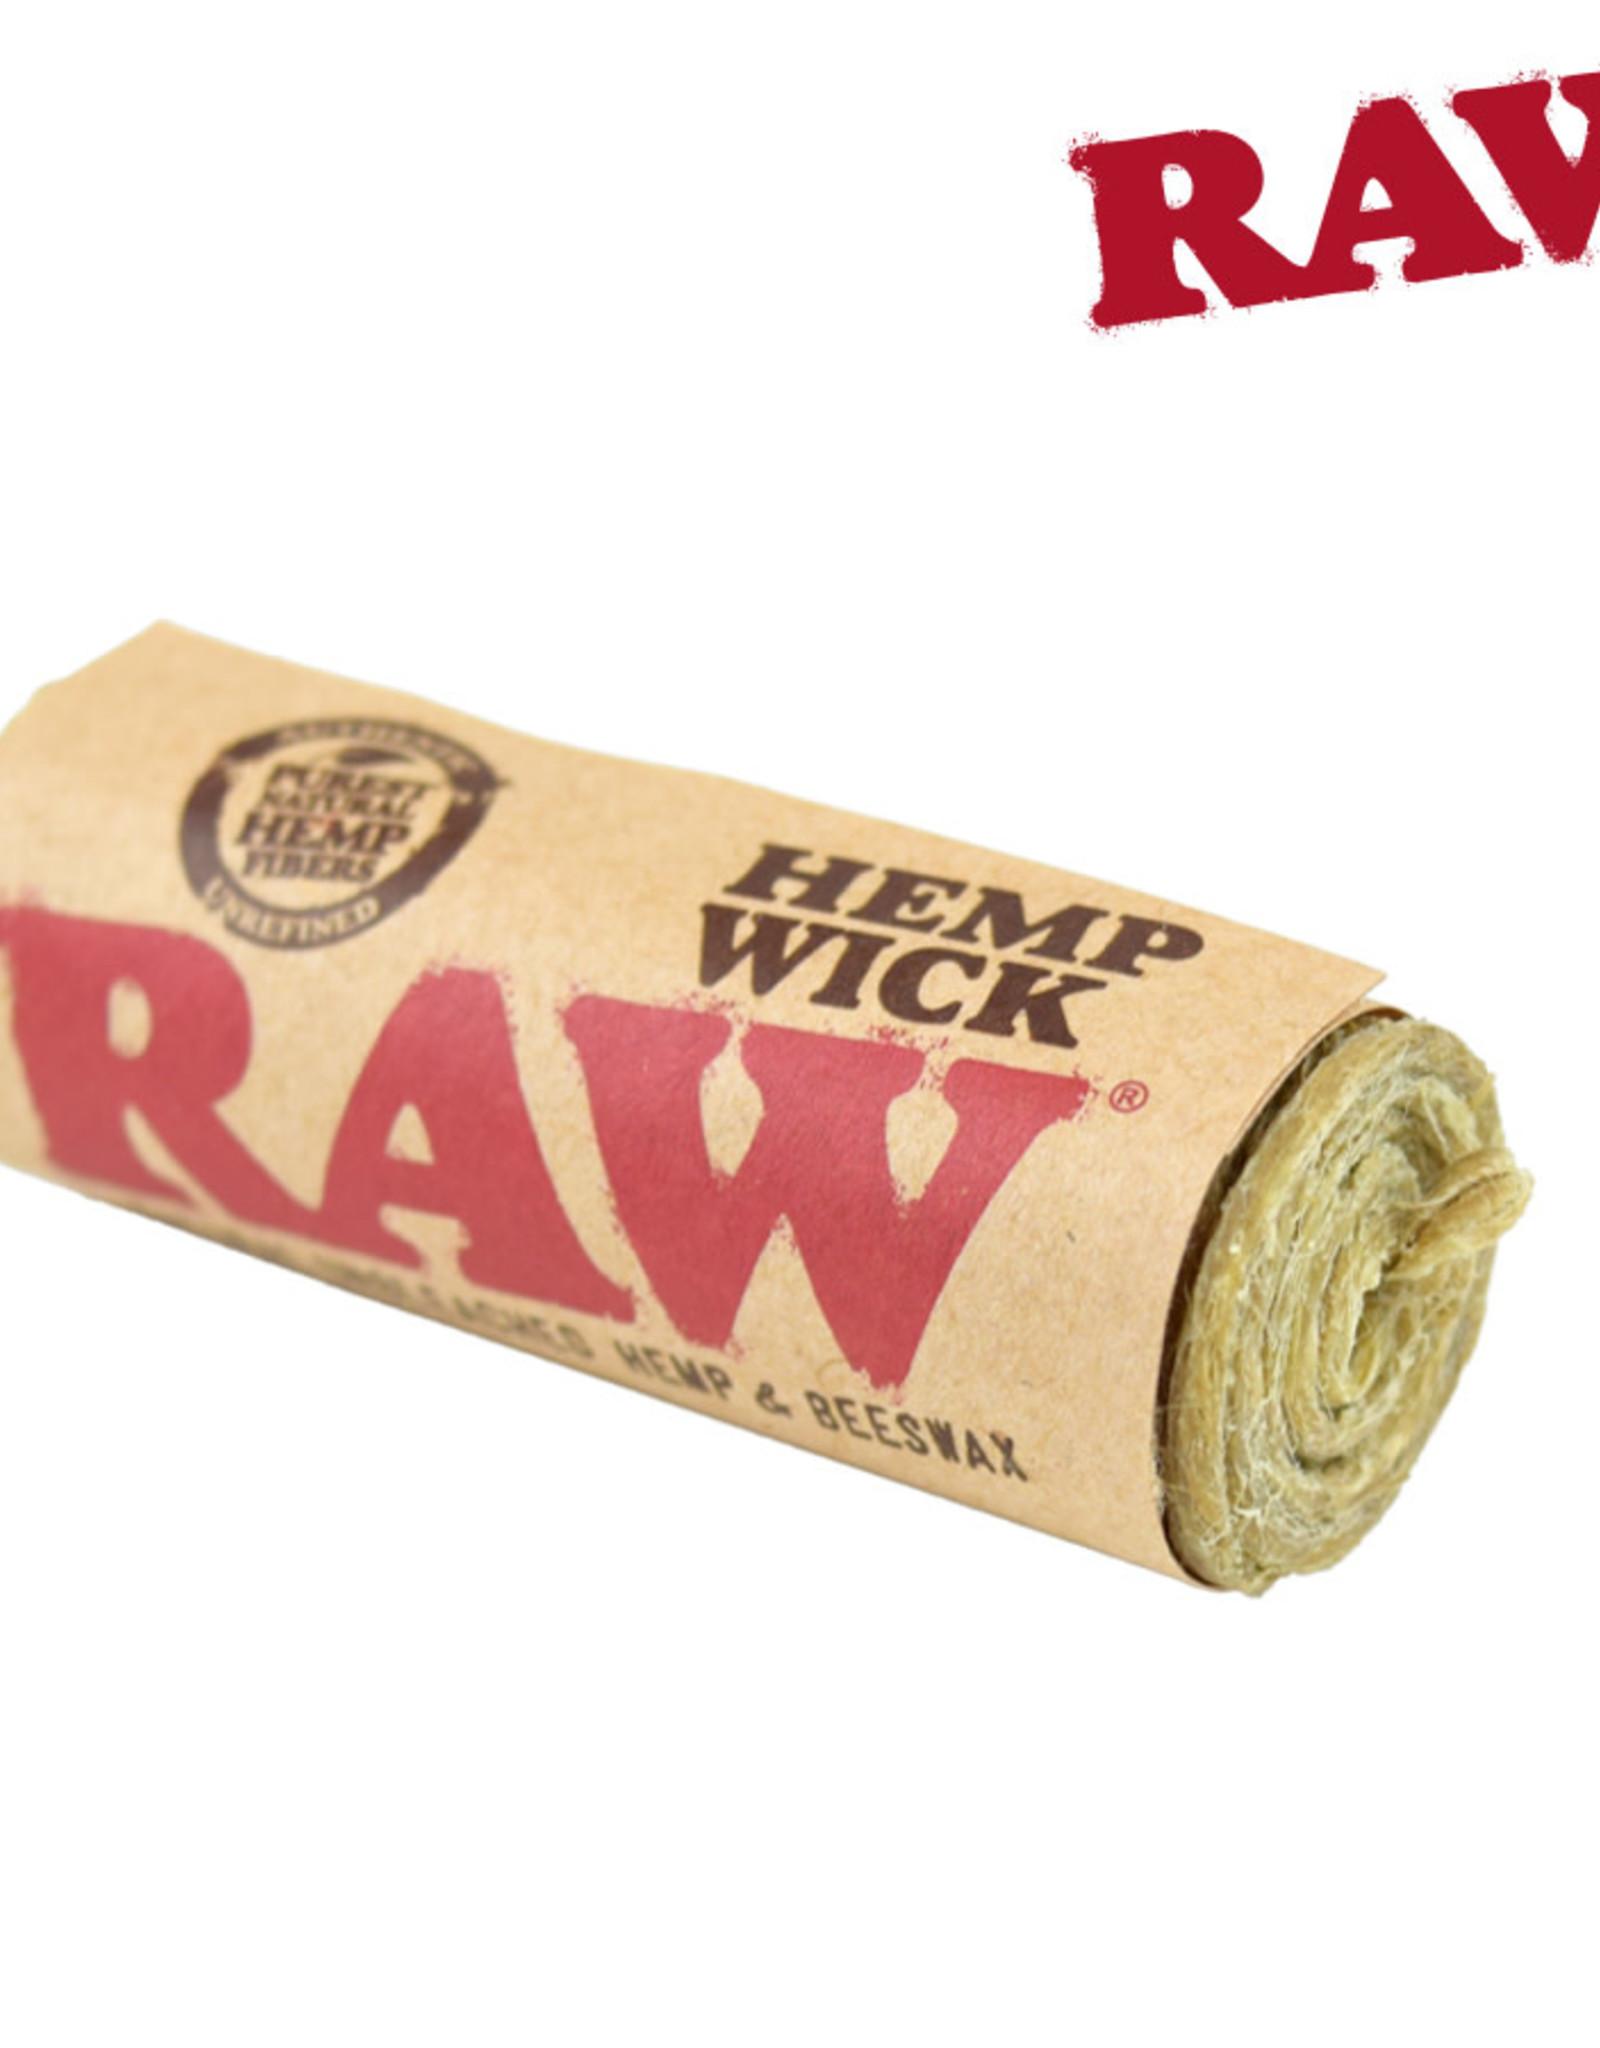 RAW RAW Hemp Wick 20' Roll